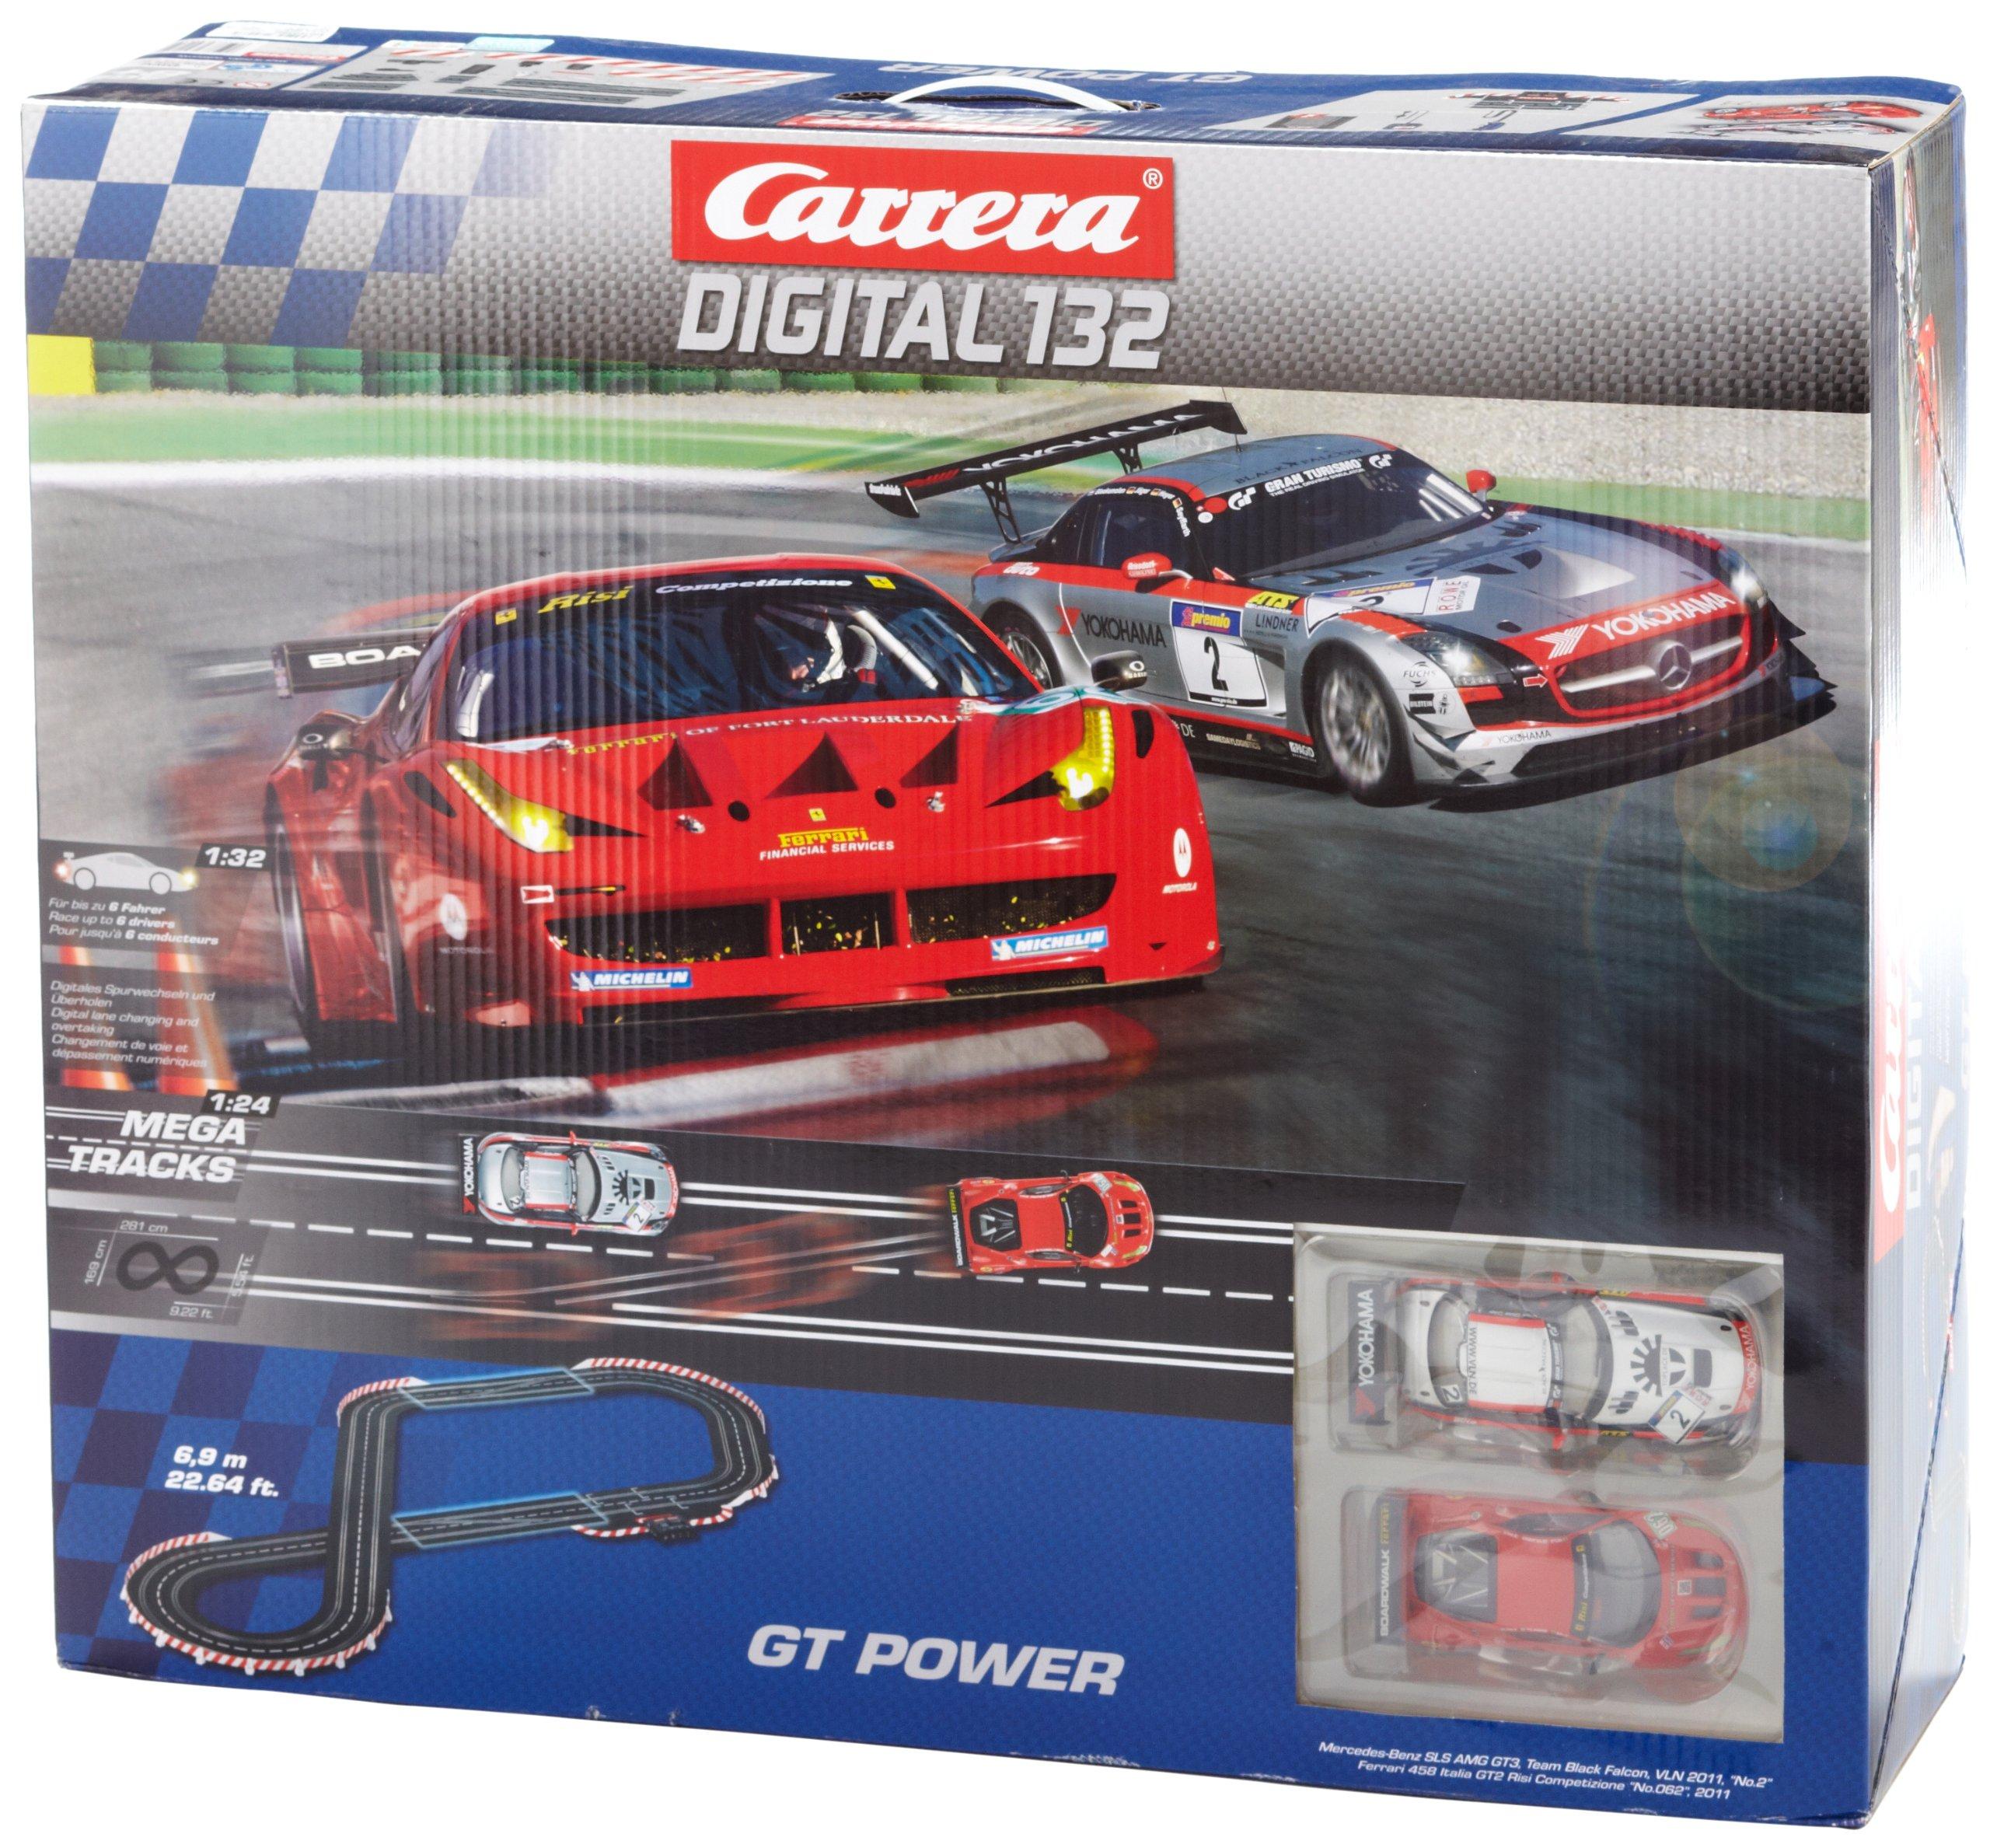 Carrera GT Power Digital 132 Race Set 1:32 Scale